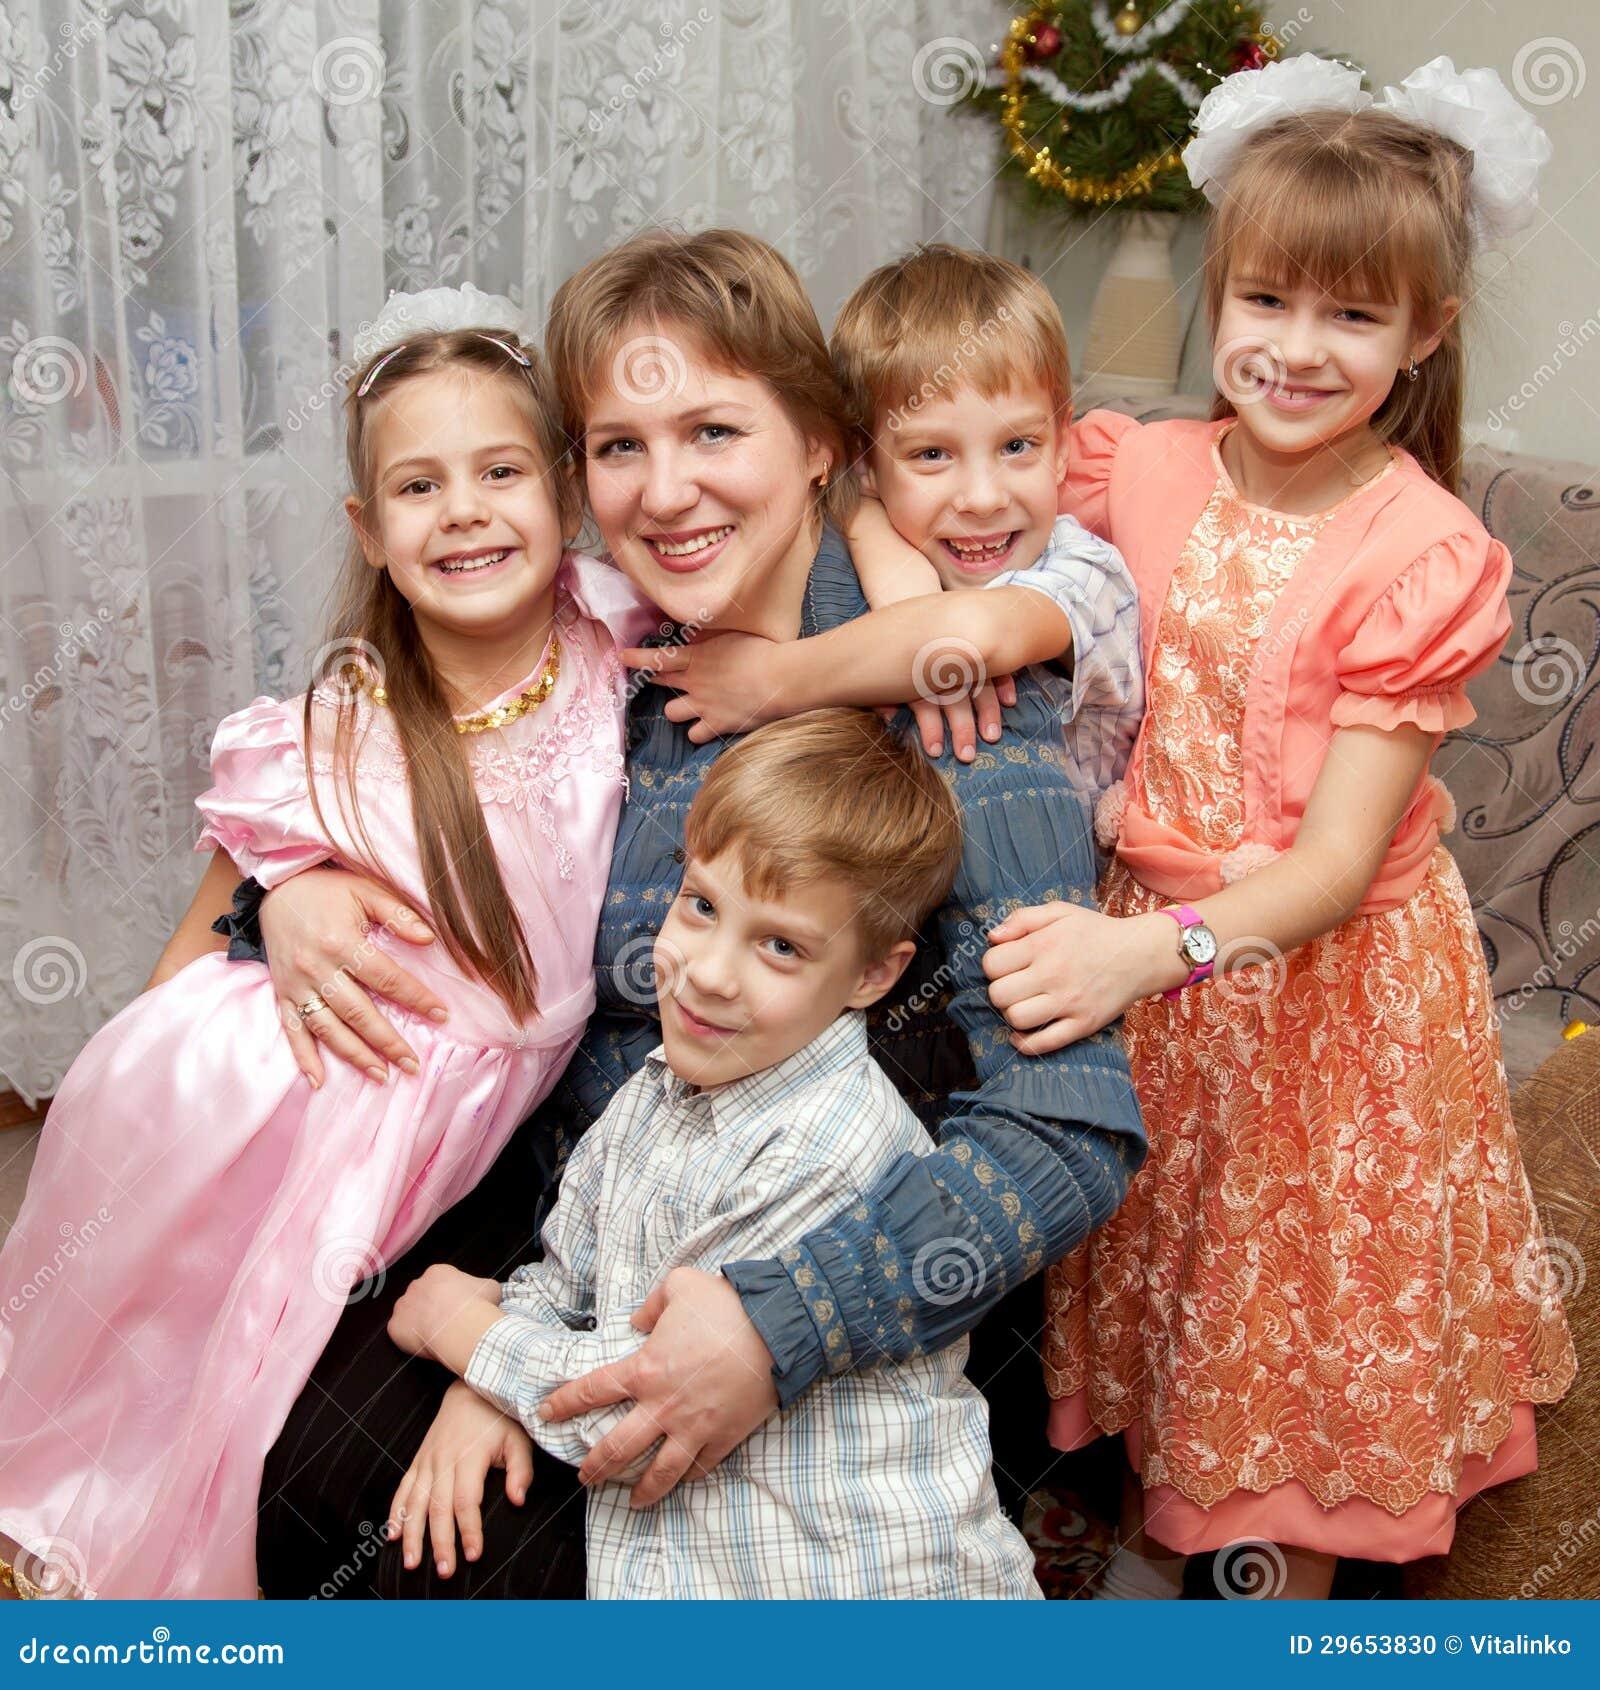 966c49bcb2123 Quatre Enfants étreignant La Mère. Concept De La Famille. Photo ...